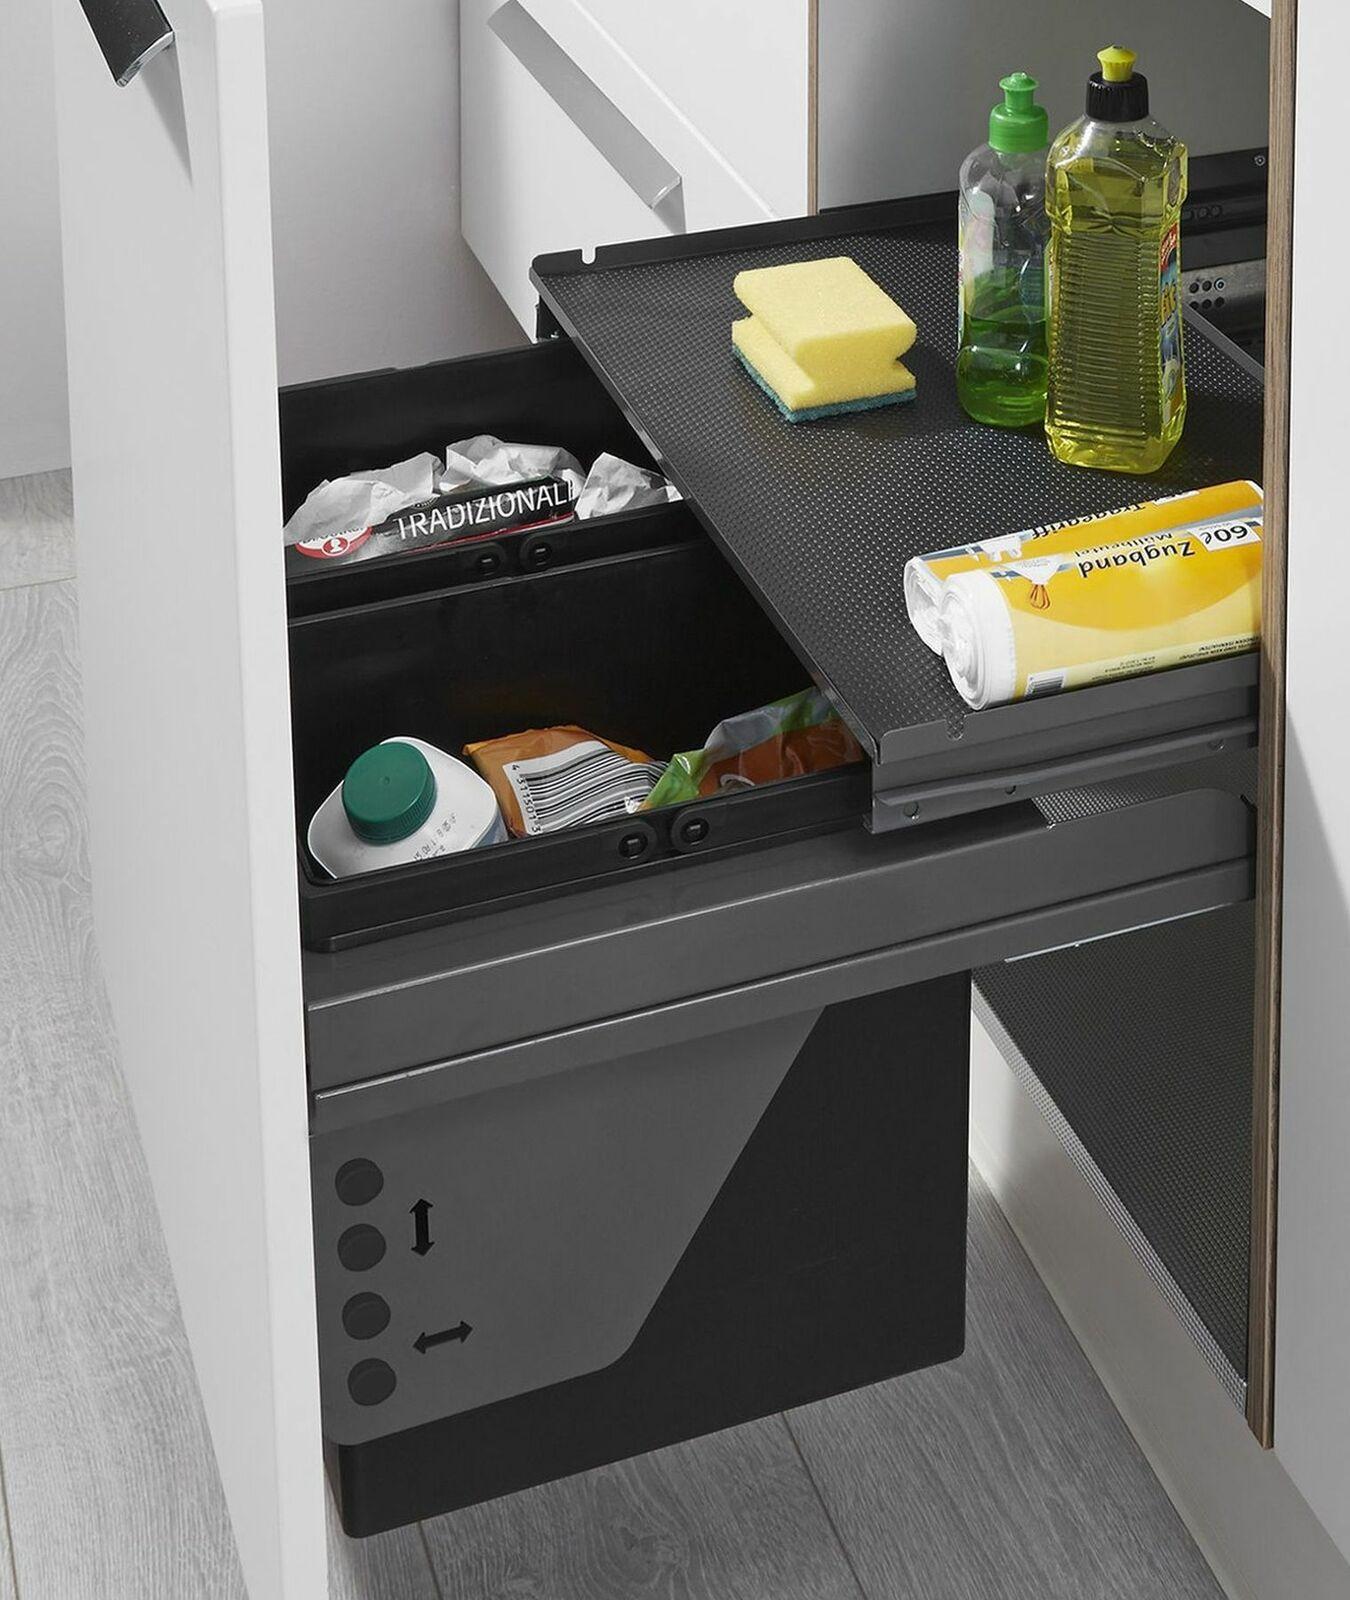 Full Size of Müllsystem Küche Einbaumlleimer Mehr Als 100 Angebote Läufer Granitplatten Landhausstil Ikea Miniküche Arbeitsplatten Edelstahlküche Gebraucht Fototapete Küche Müllsystem Küche